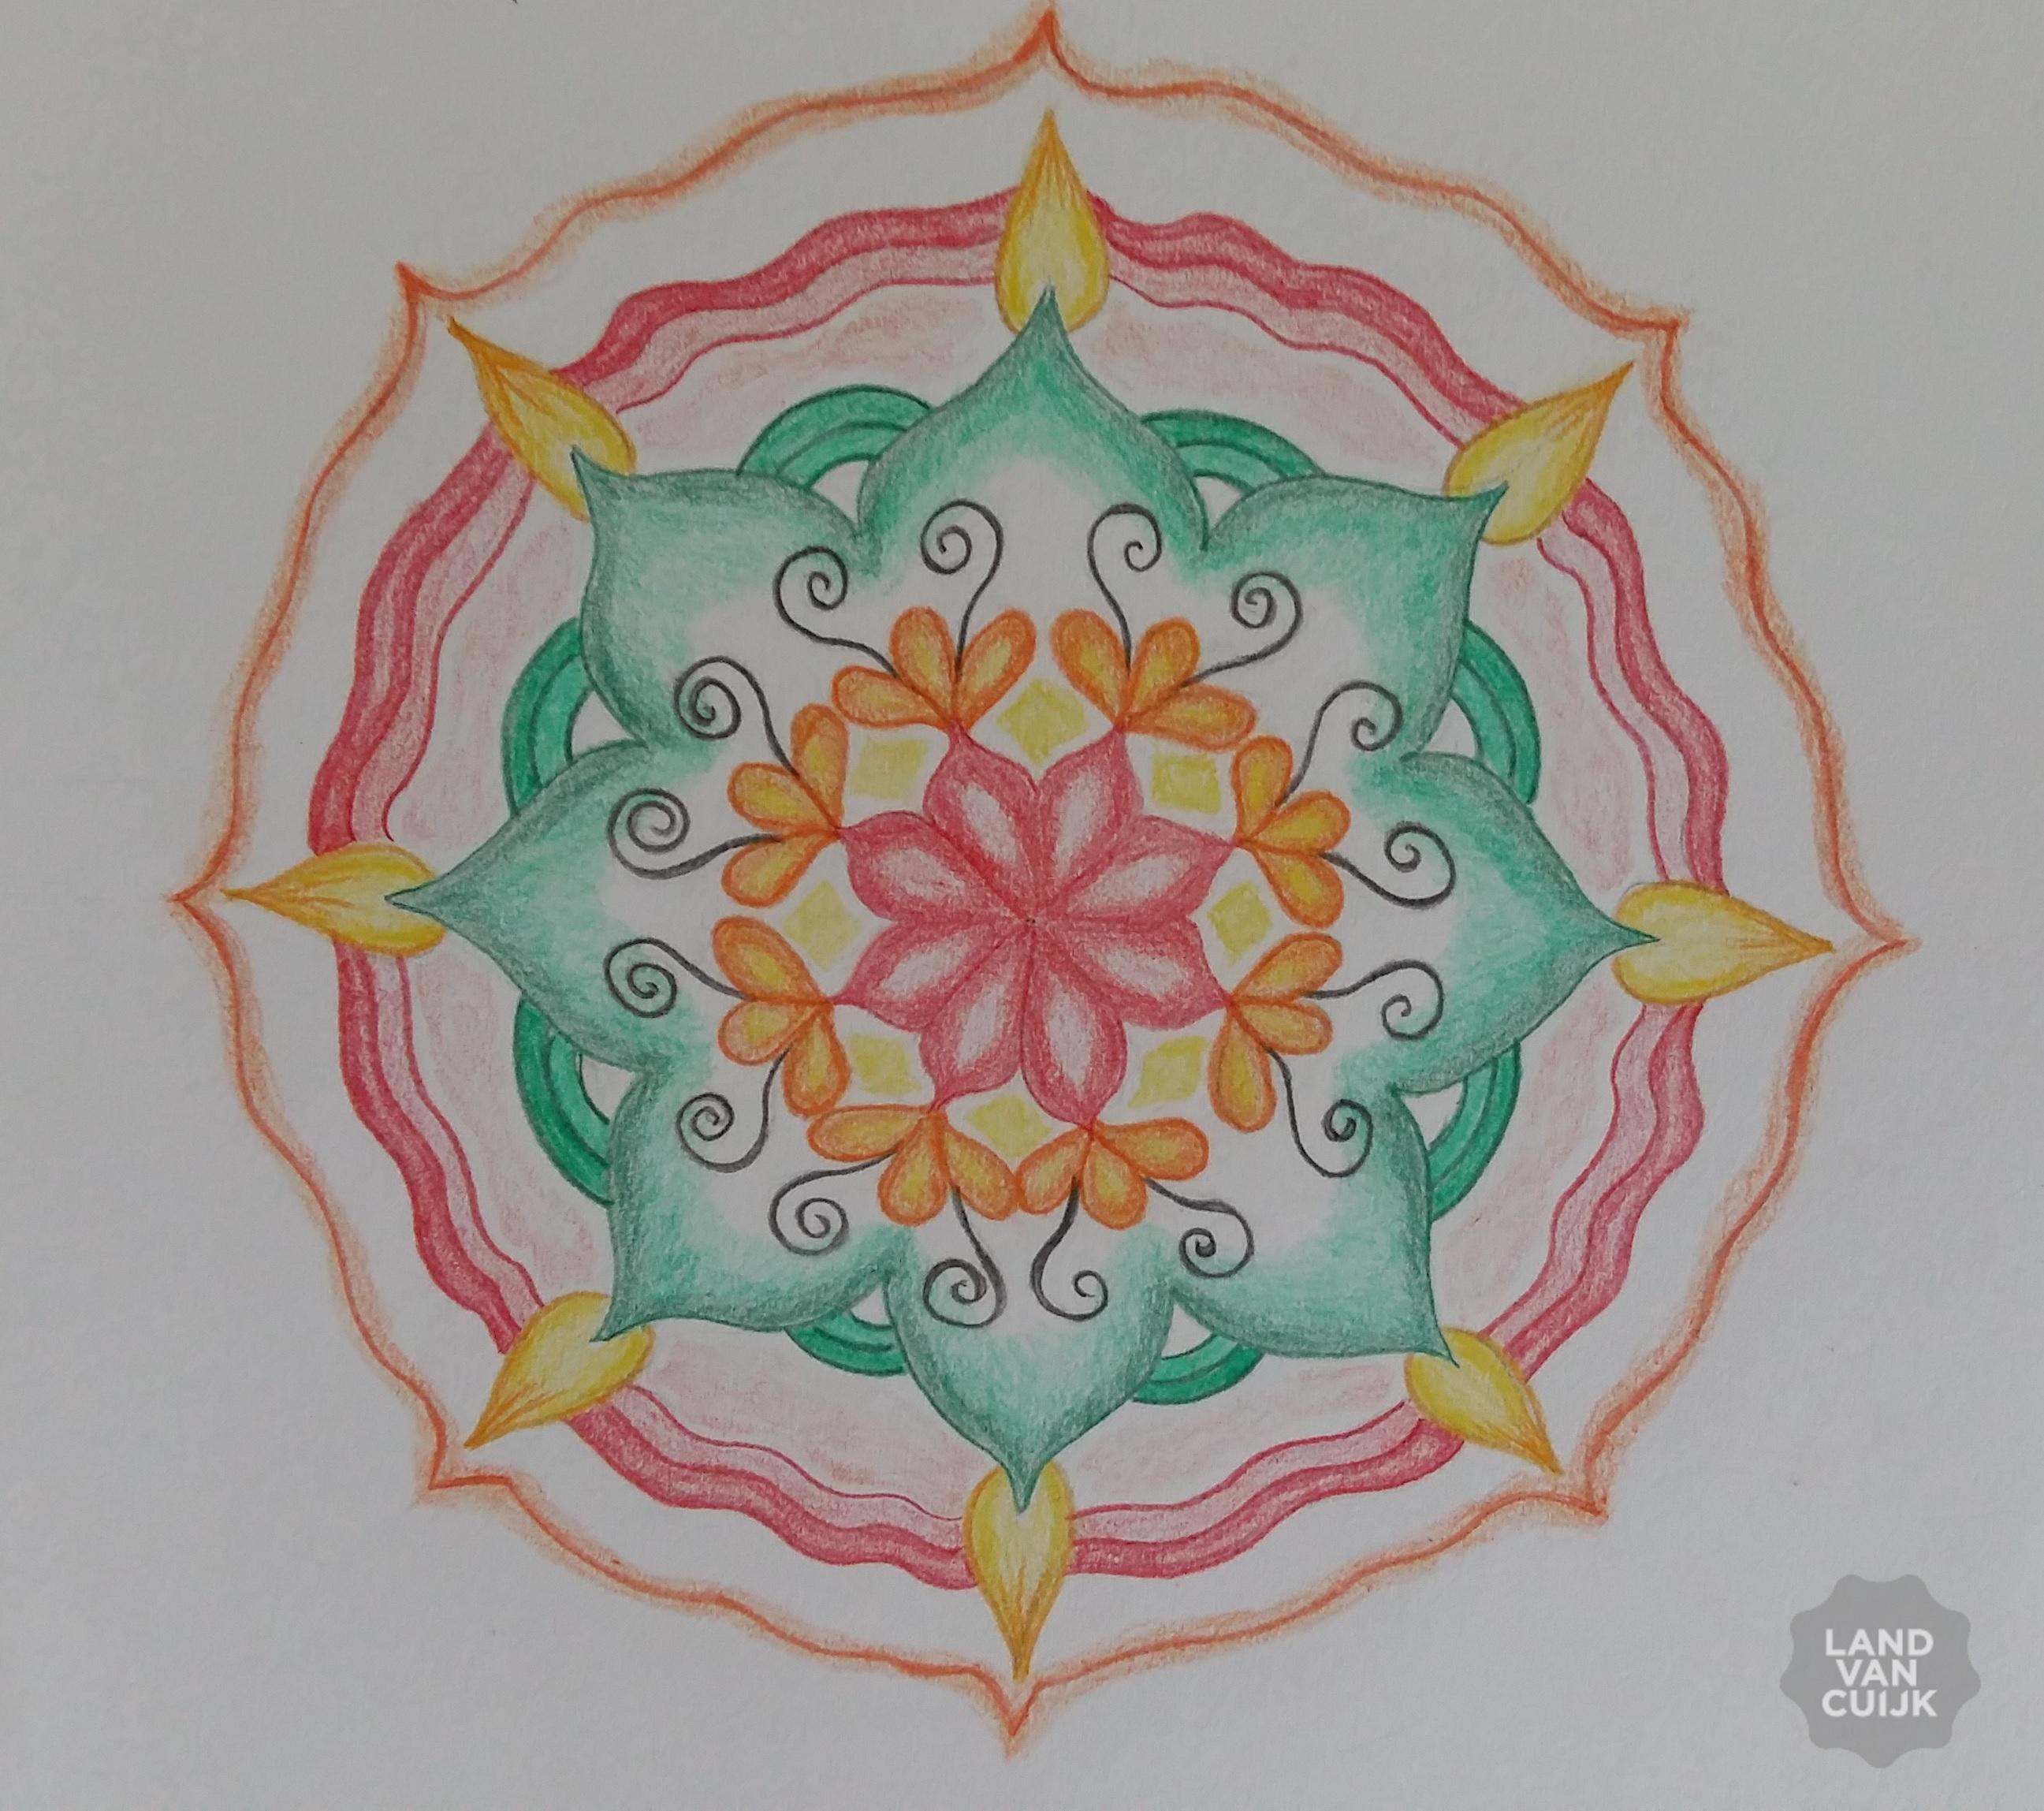 basiscursus mandala tekenen door mia tielen-poels in 't helder